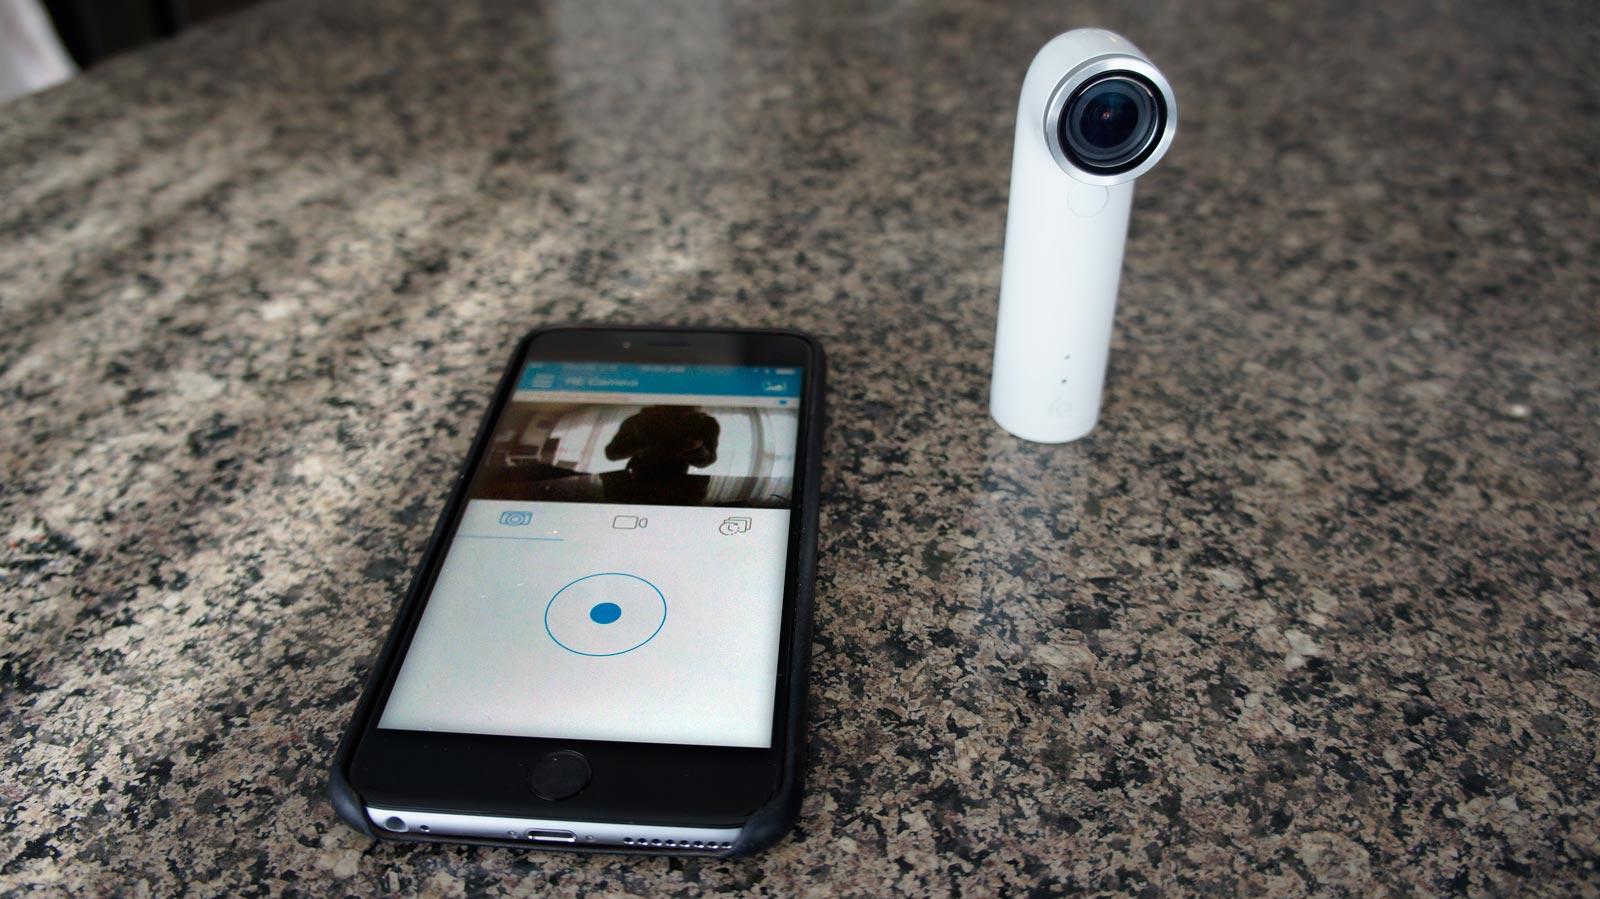 Par le biais d'une connexion Wi-Fi ou Bluetooth, vous pouvez utiliser un téléphone comme viseur.